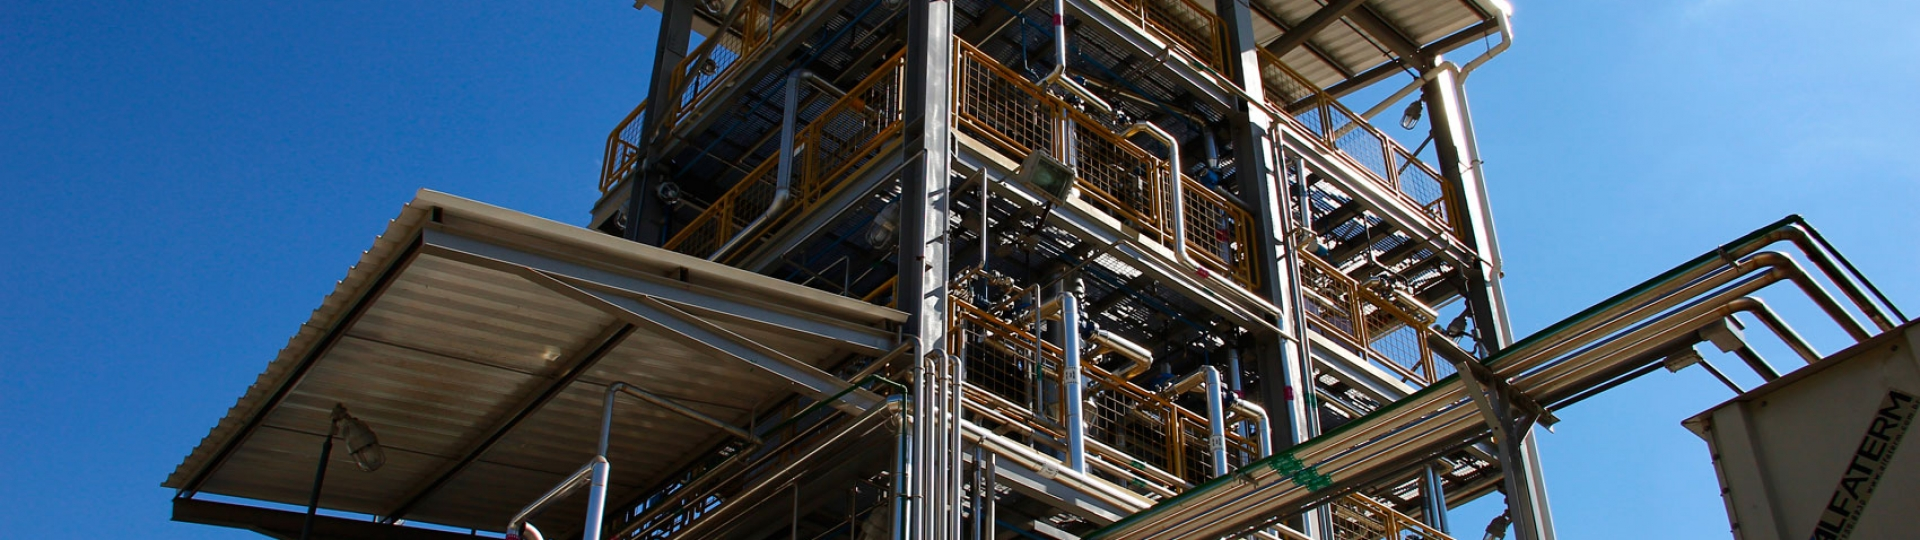 O assunto do dia 30 de abril de 2020: O aflito cenário do etanol